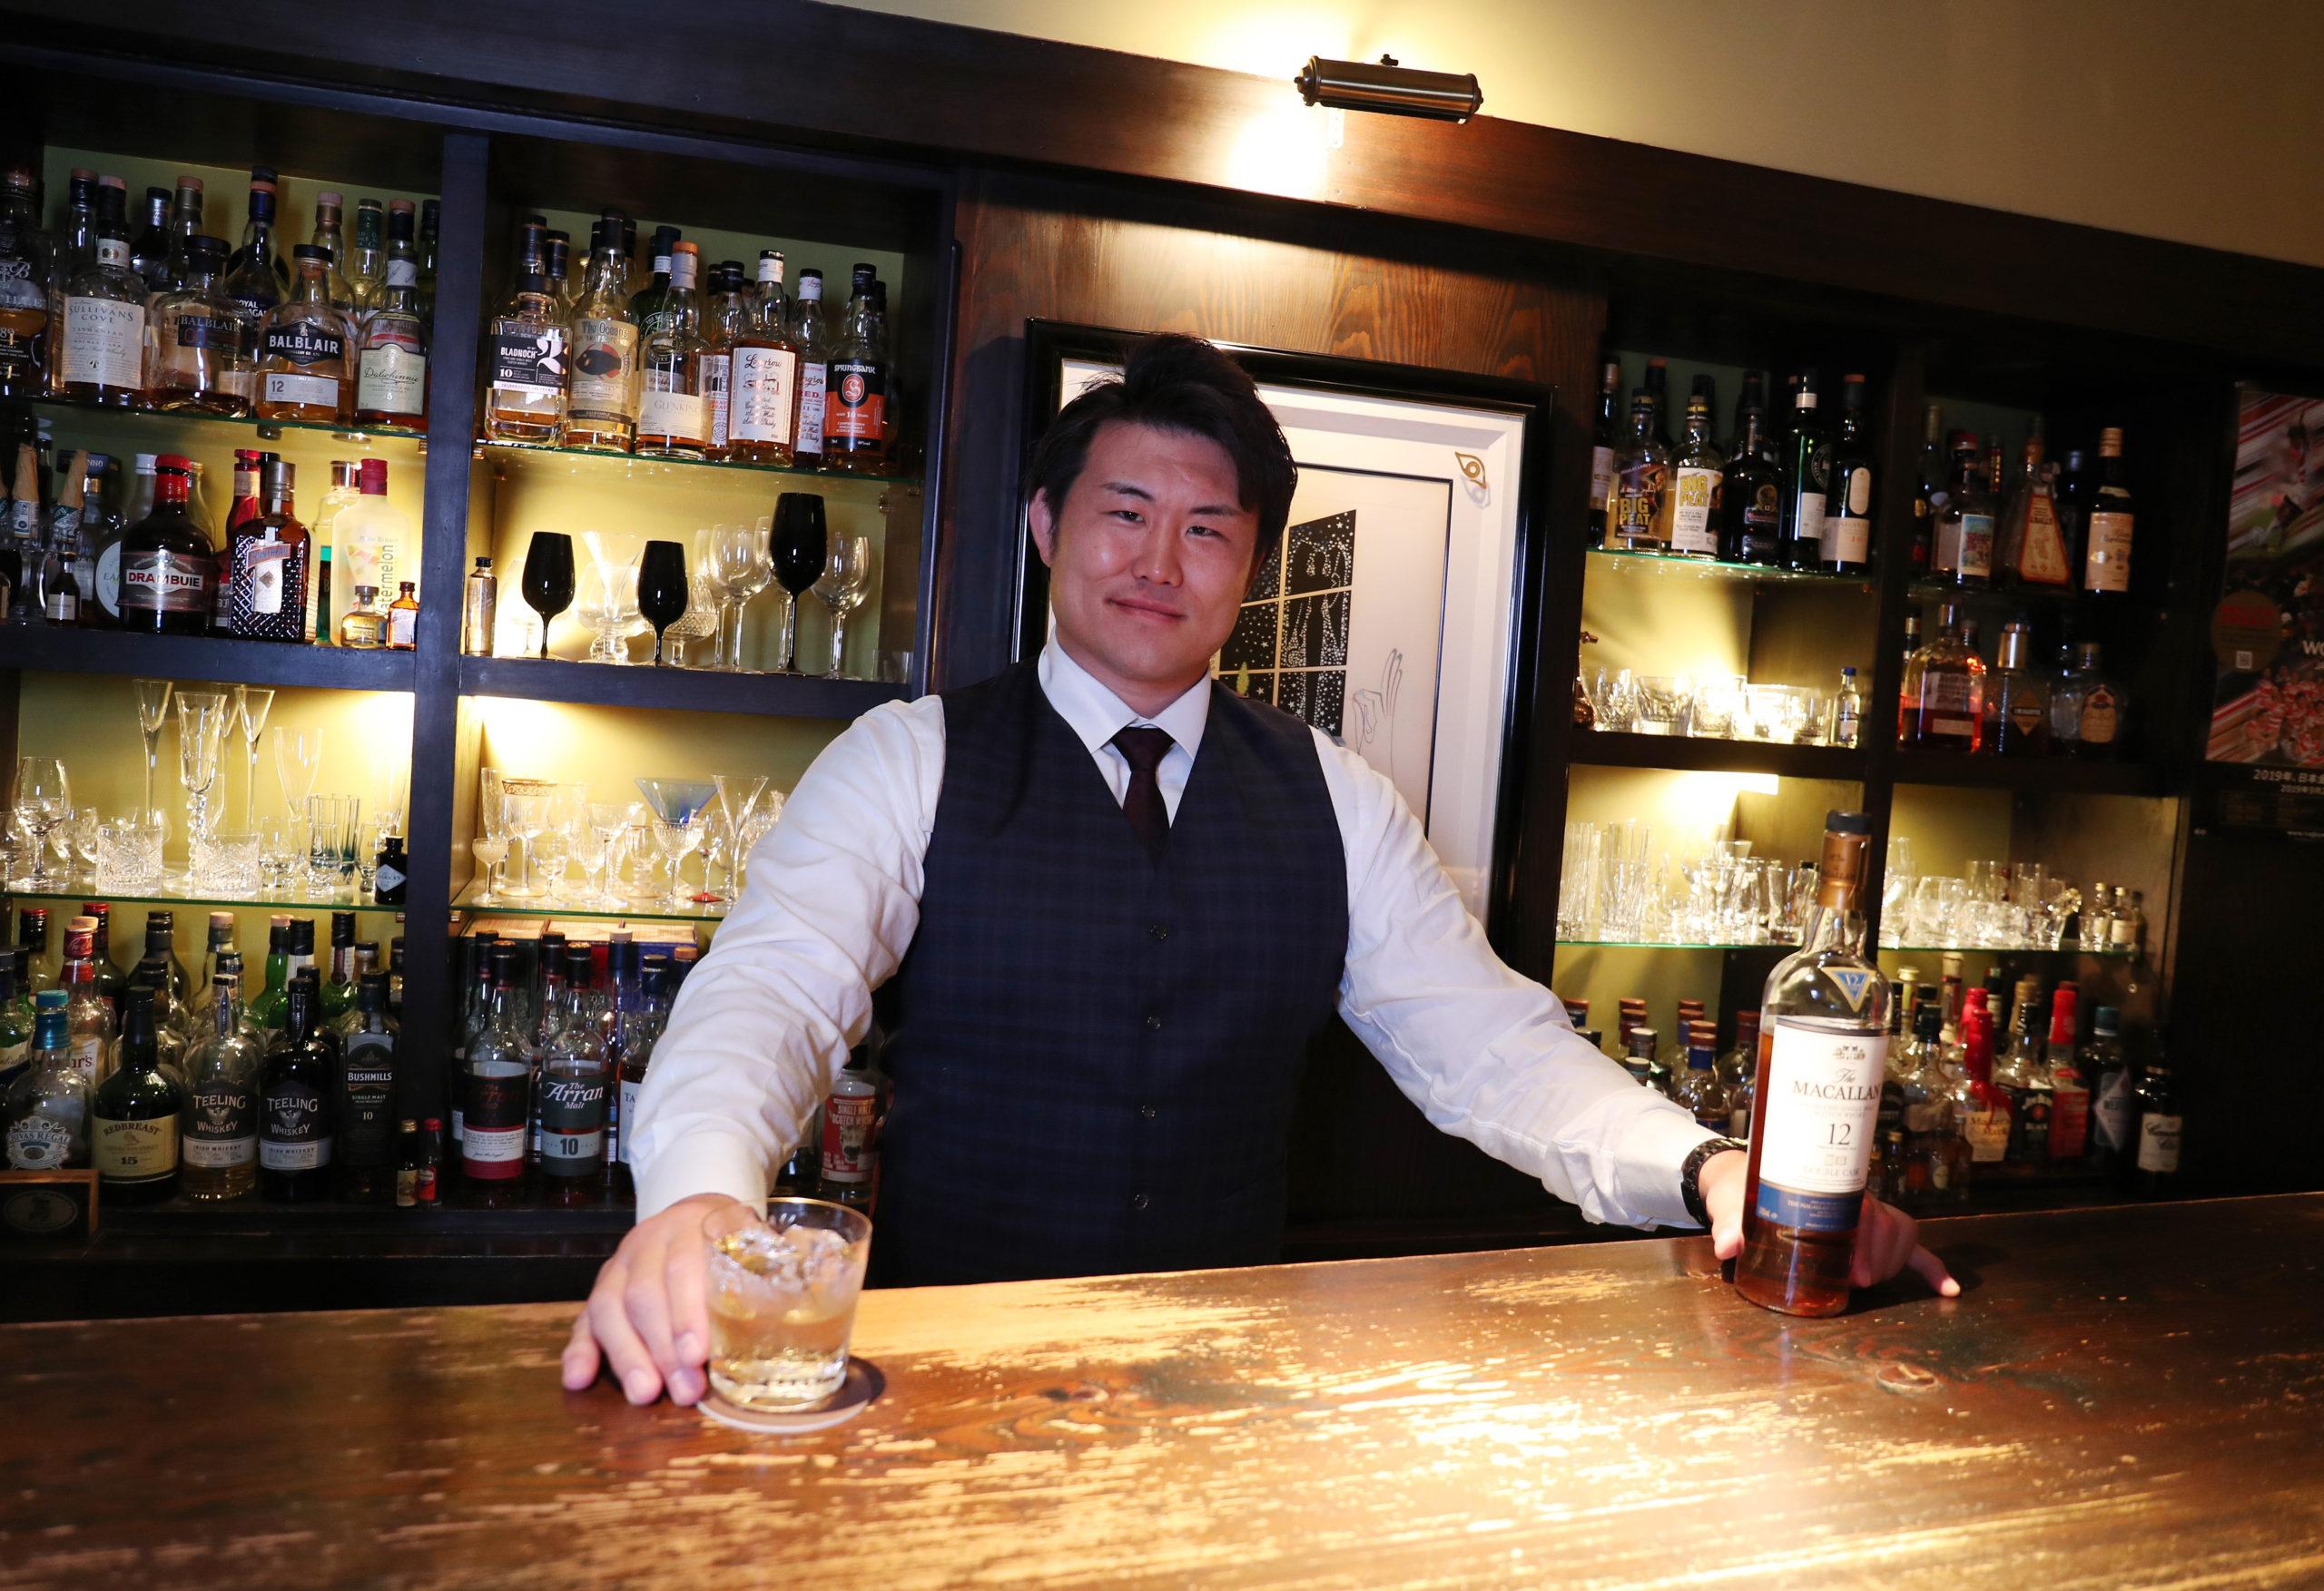 【1/10(金) ウィスキーセミナー開催@高田馬場ノーサイドクラブ】